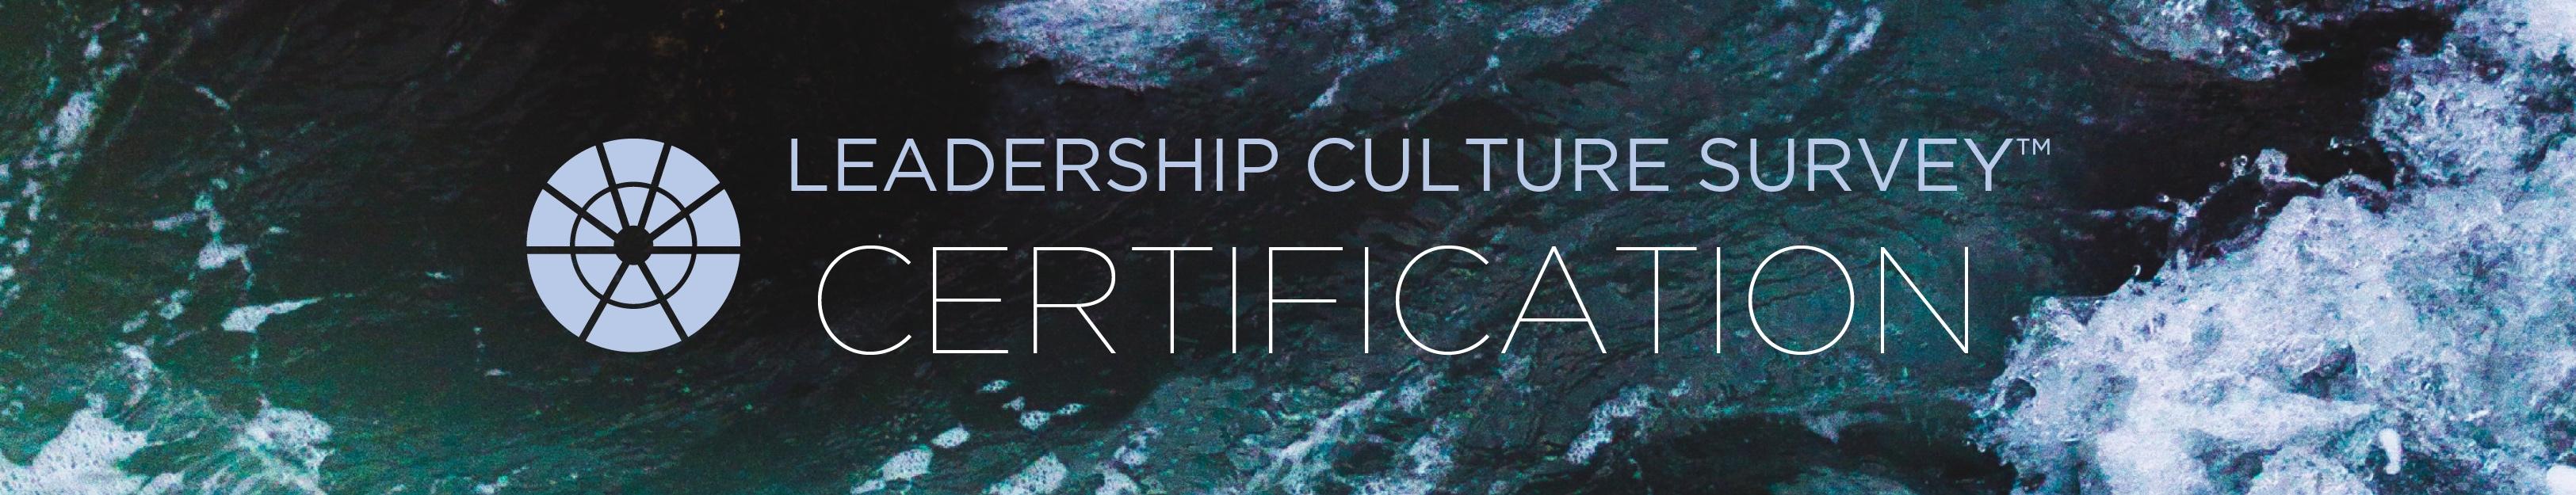 Leadership Culture Survey Certification: Brisbane 13 September, 2019